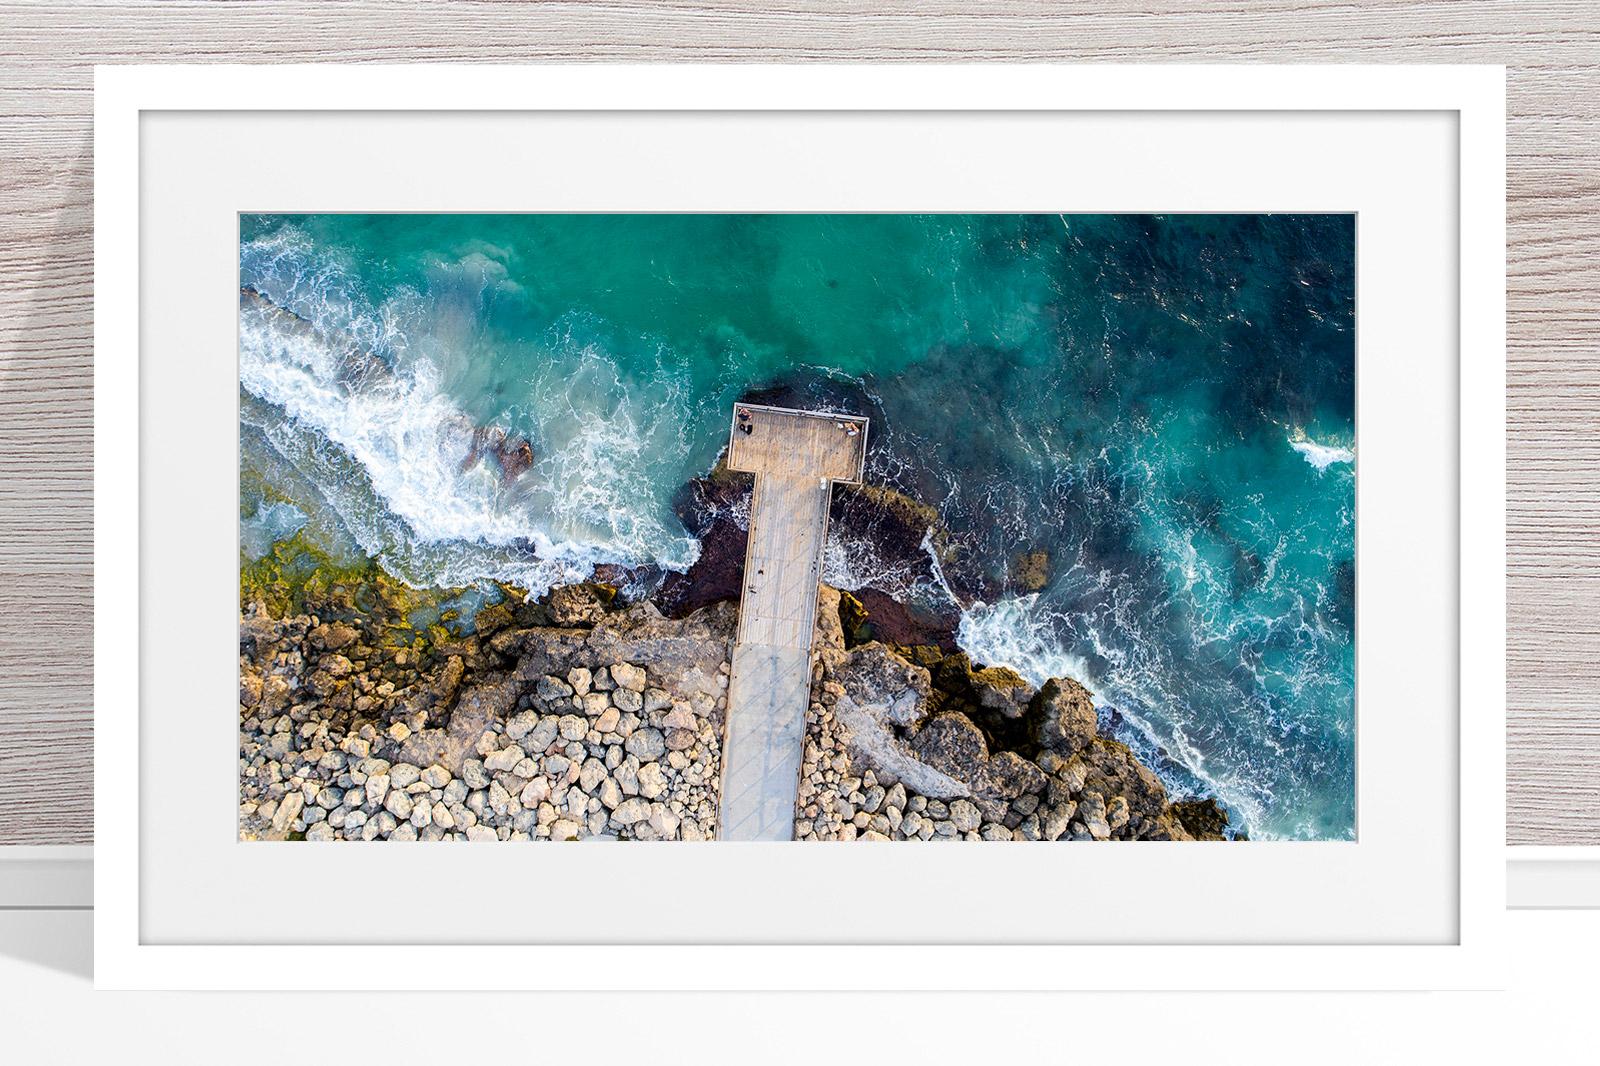 057 - Jason Mazur - 'North Beach Jetty' White Frame